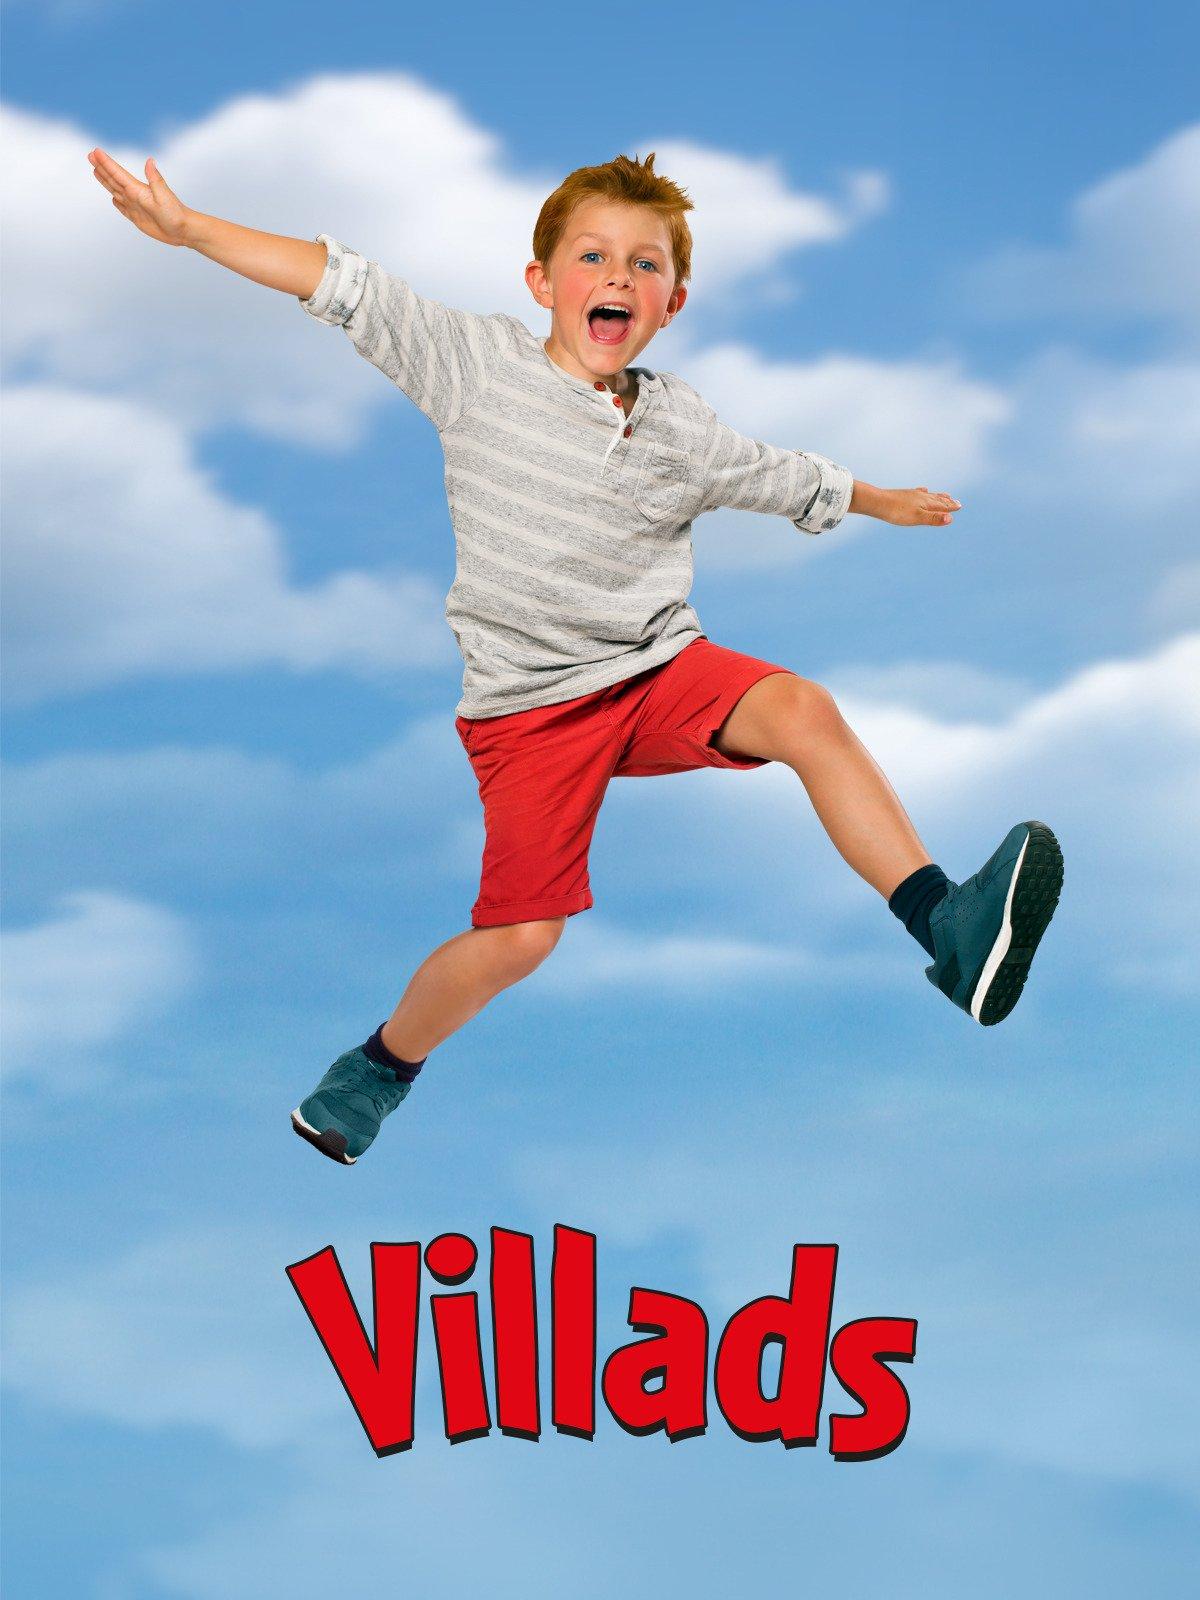 Villads